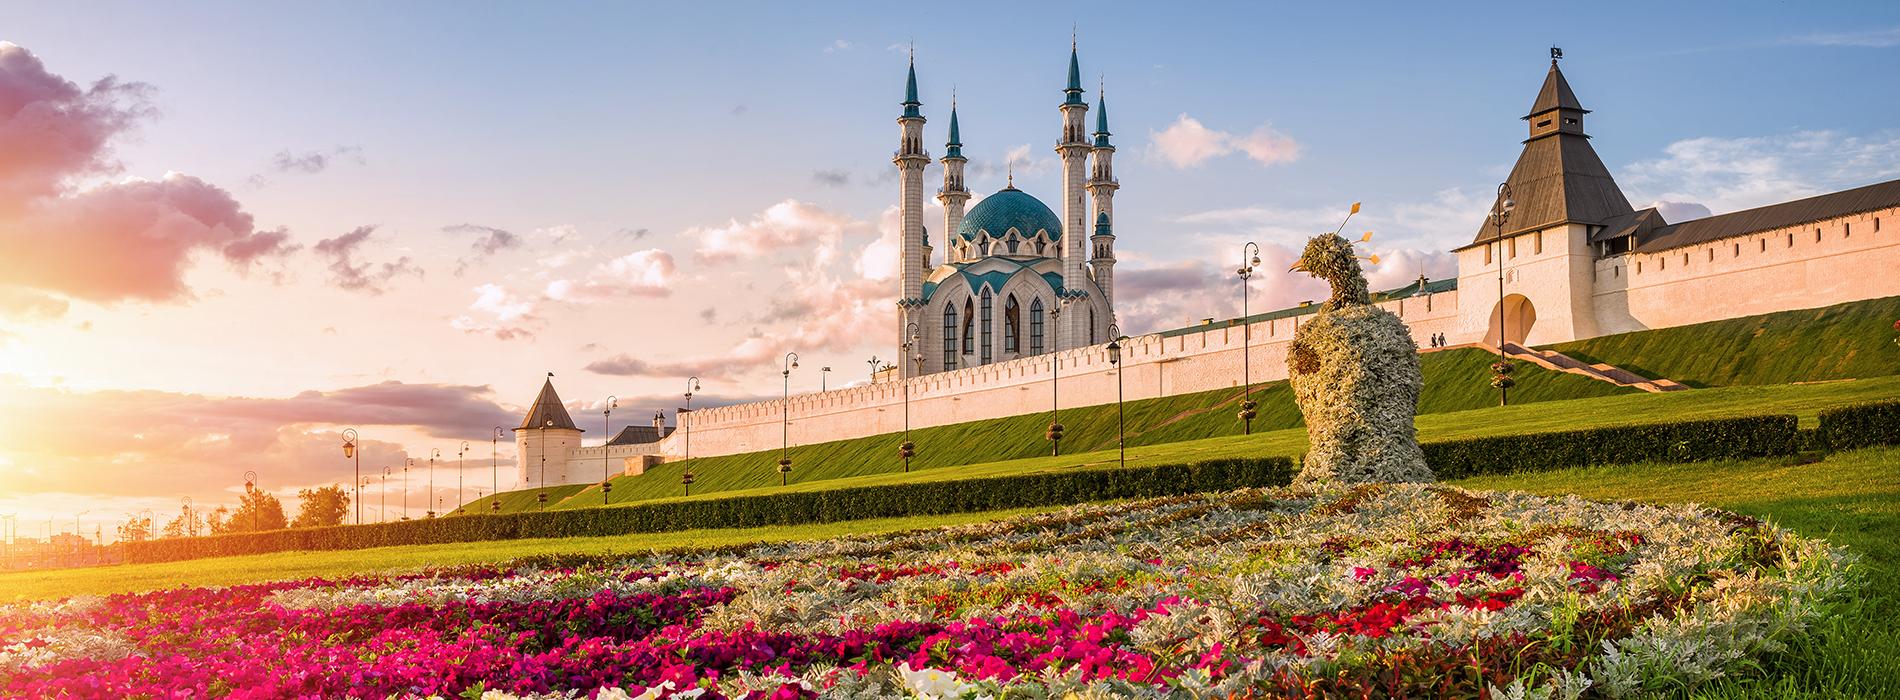 Авиабилеты Краснодар — Казань, купить билеты на самолет туда и обратно, цены и расписание рейсов